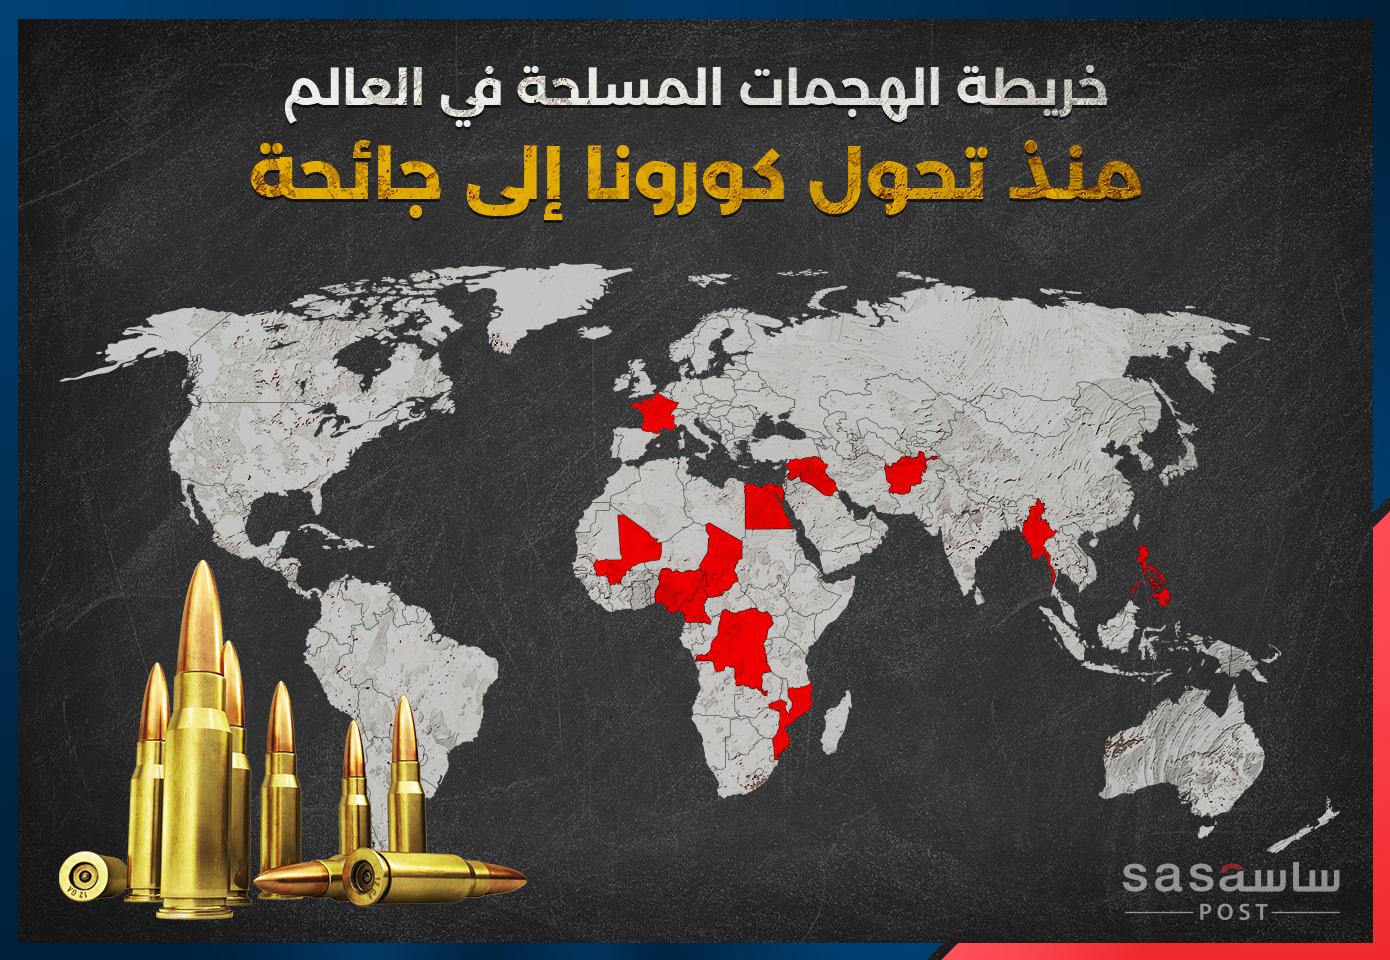 خريطة_الهجمات_المسلحة_في_العالم_منذ_تحول_كورونا_إلى_جائحة_2.png